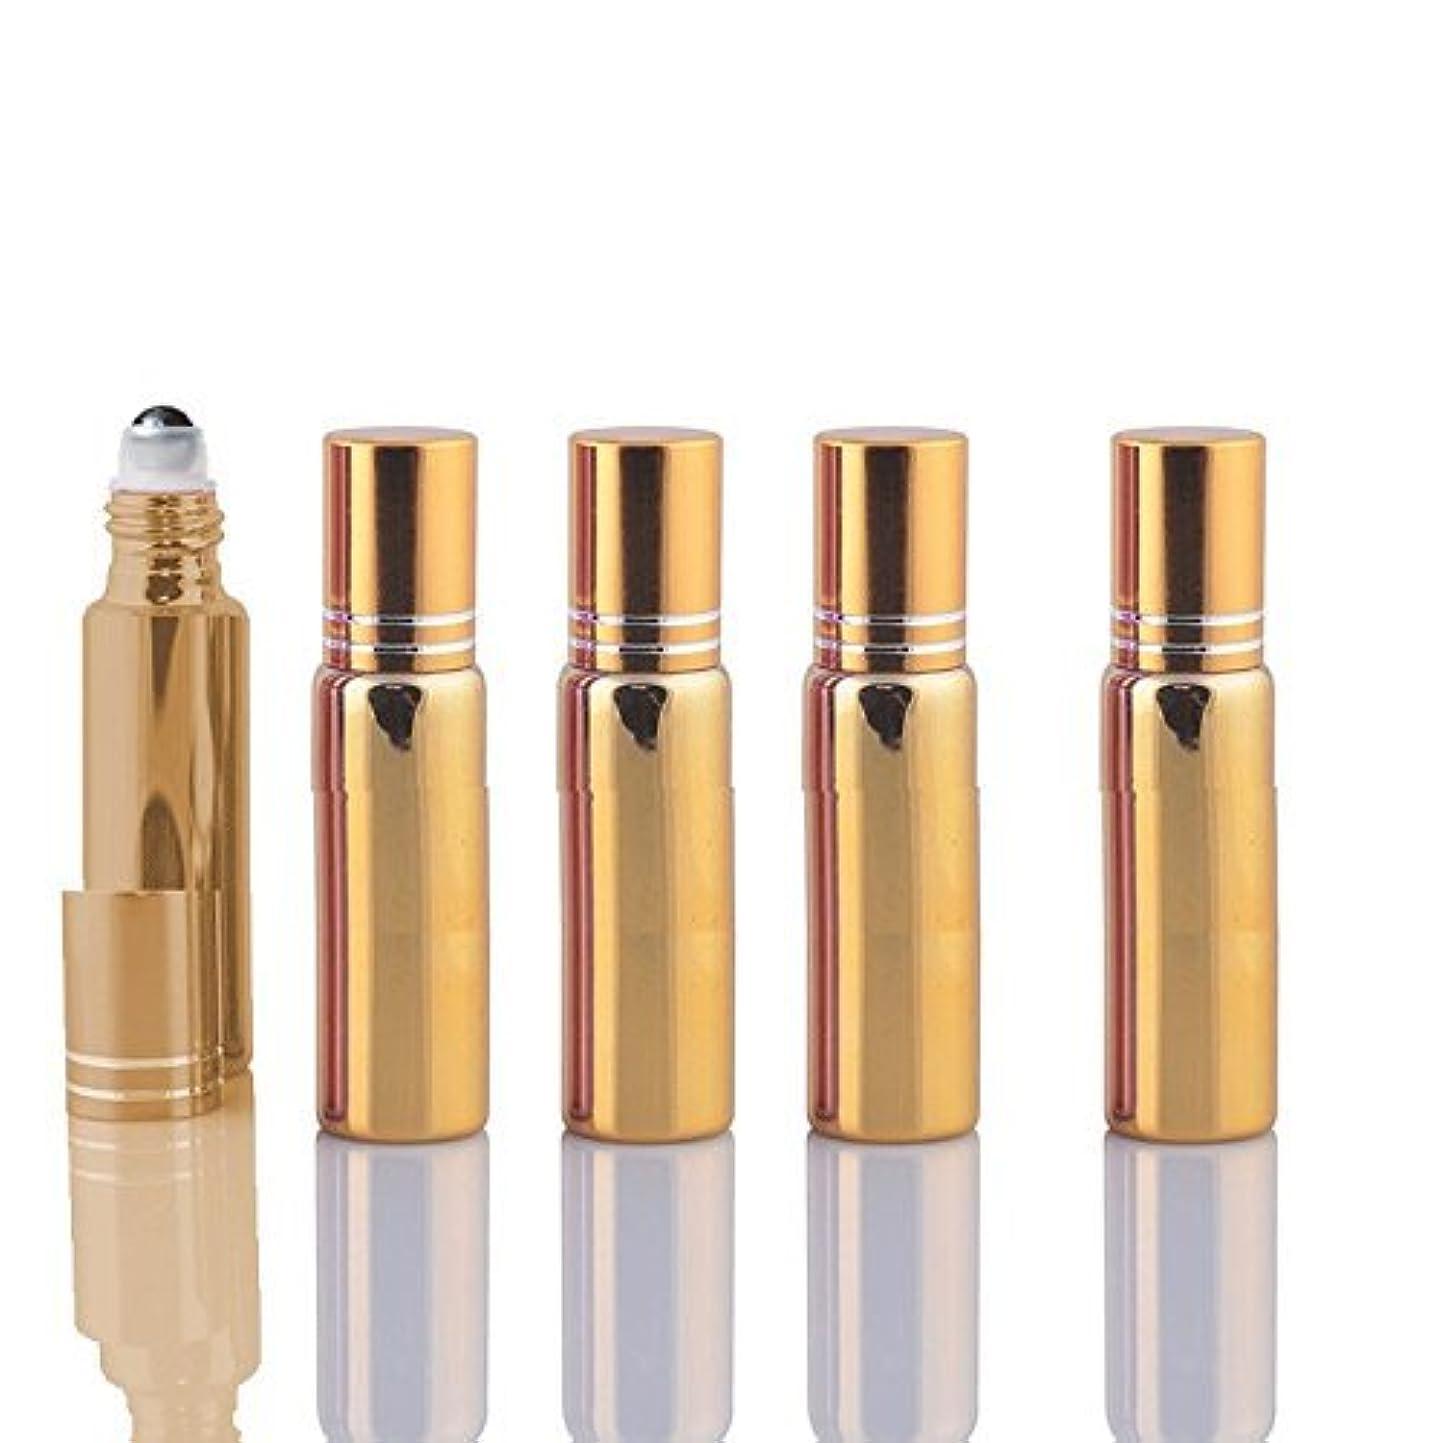 イソギンチャク回転させる大きなスケールで見ると10 Sets Colored 5ml UV Coated Glass Roller Ball Refillable Rollon Bottles Grand Parfums with Stainless Steel Rollers...